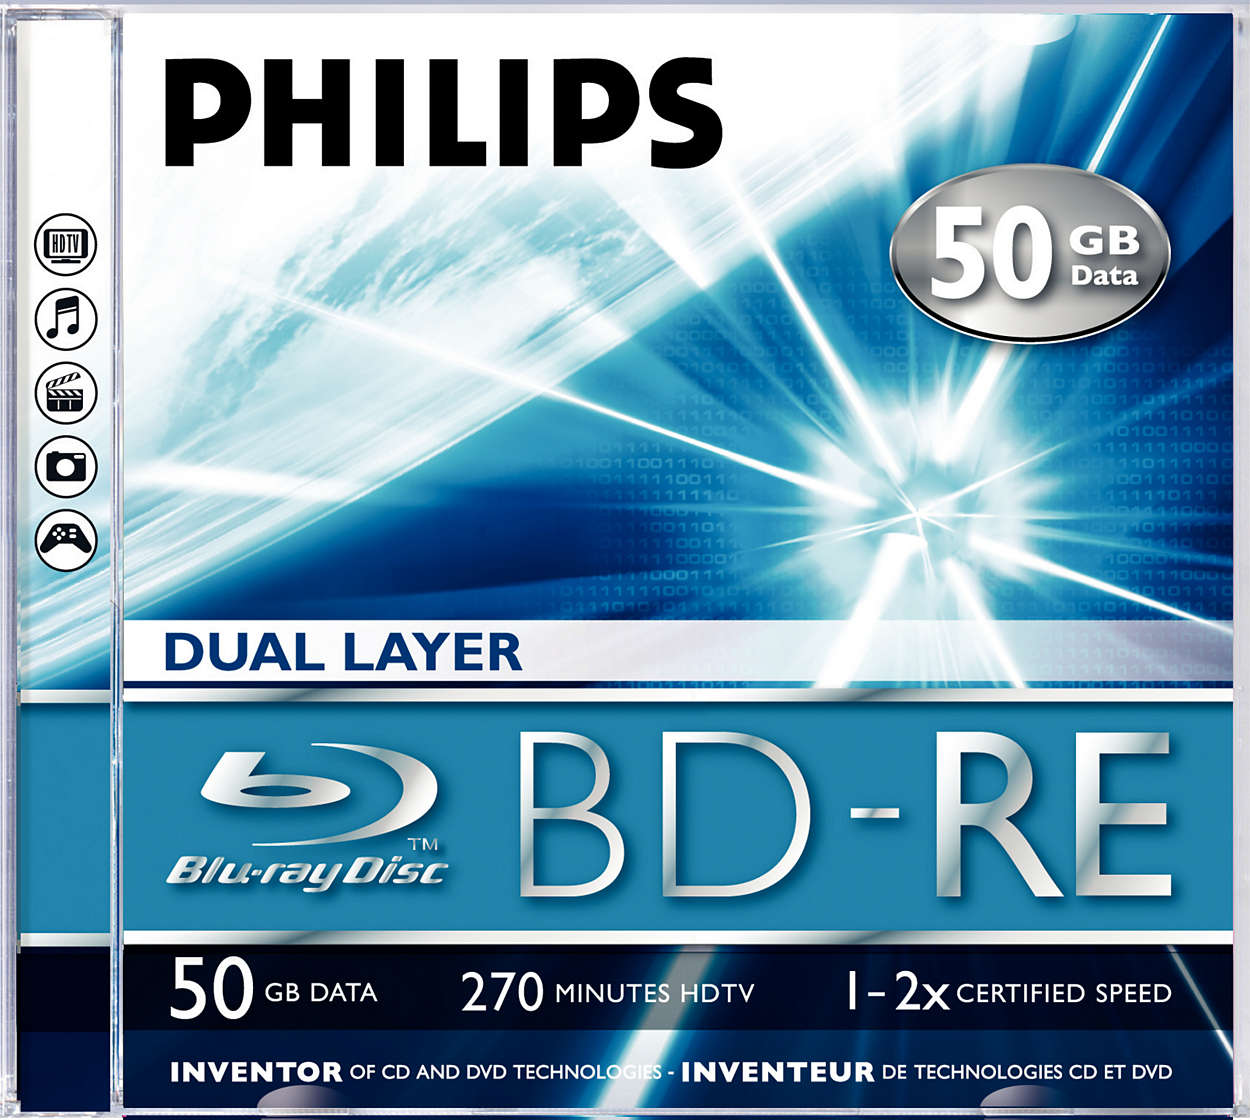 10 φορές μεγαλύτερη χωρητικότητα και καλύτερη απόδοση από το DVD